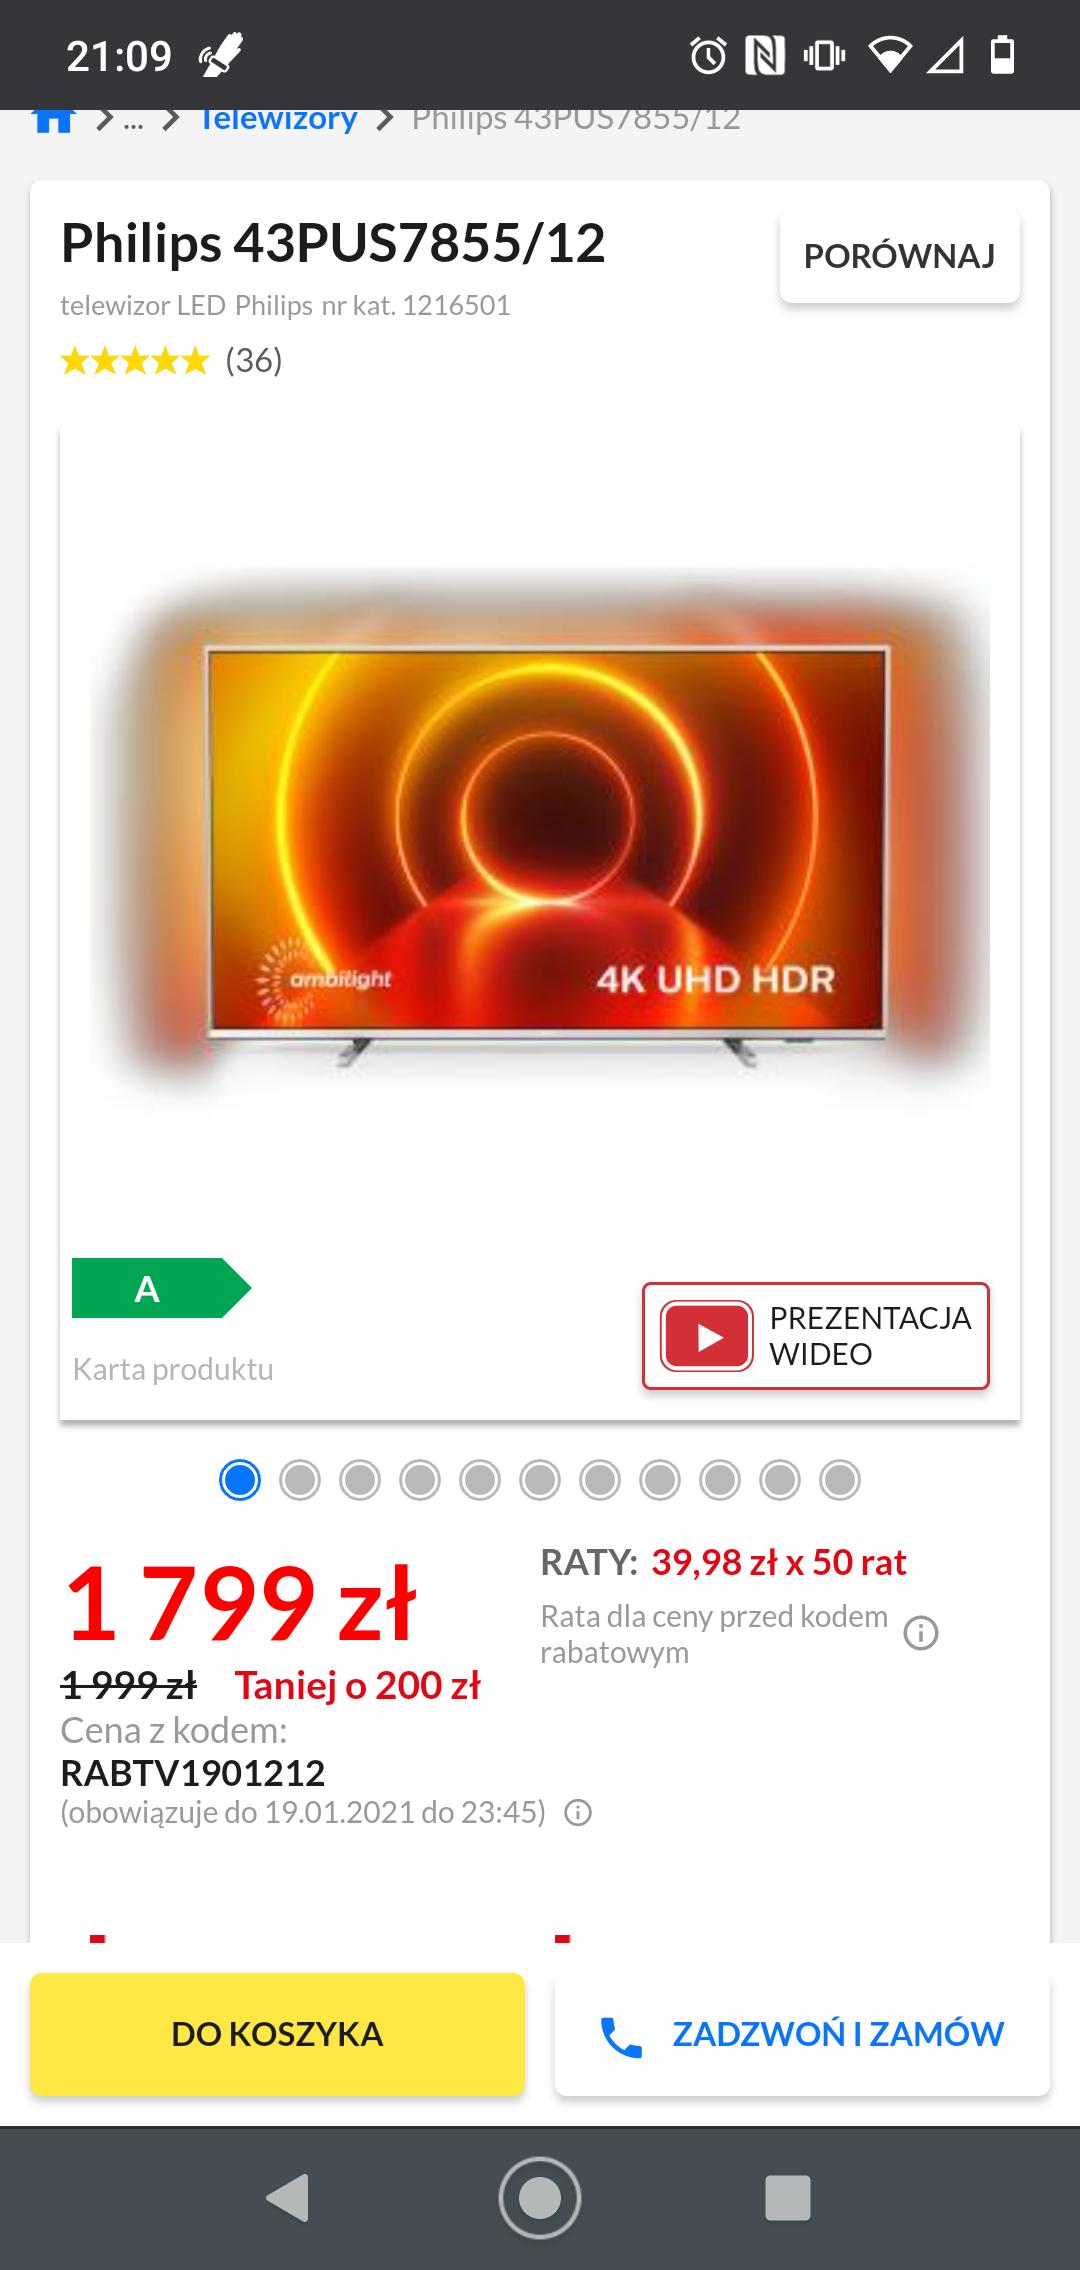 Telewizor Philips 43PUS7855/12 RTV euro agd